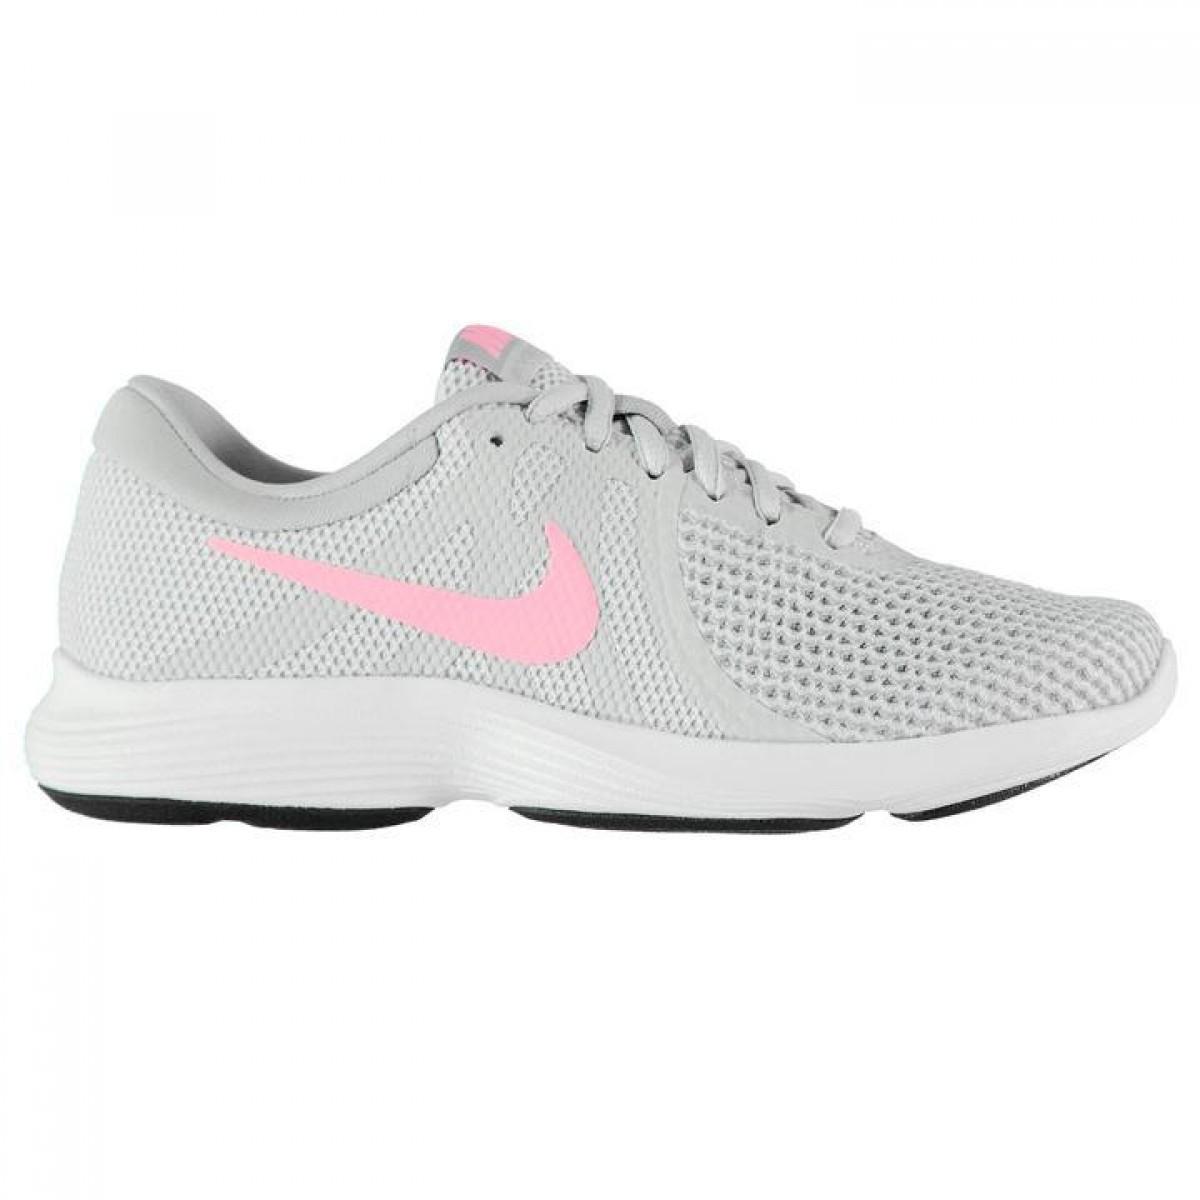 Кроссовки Nike Revolution 4 Platinum/Pink - Оригинал, фото 1